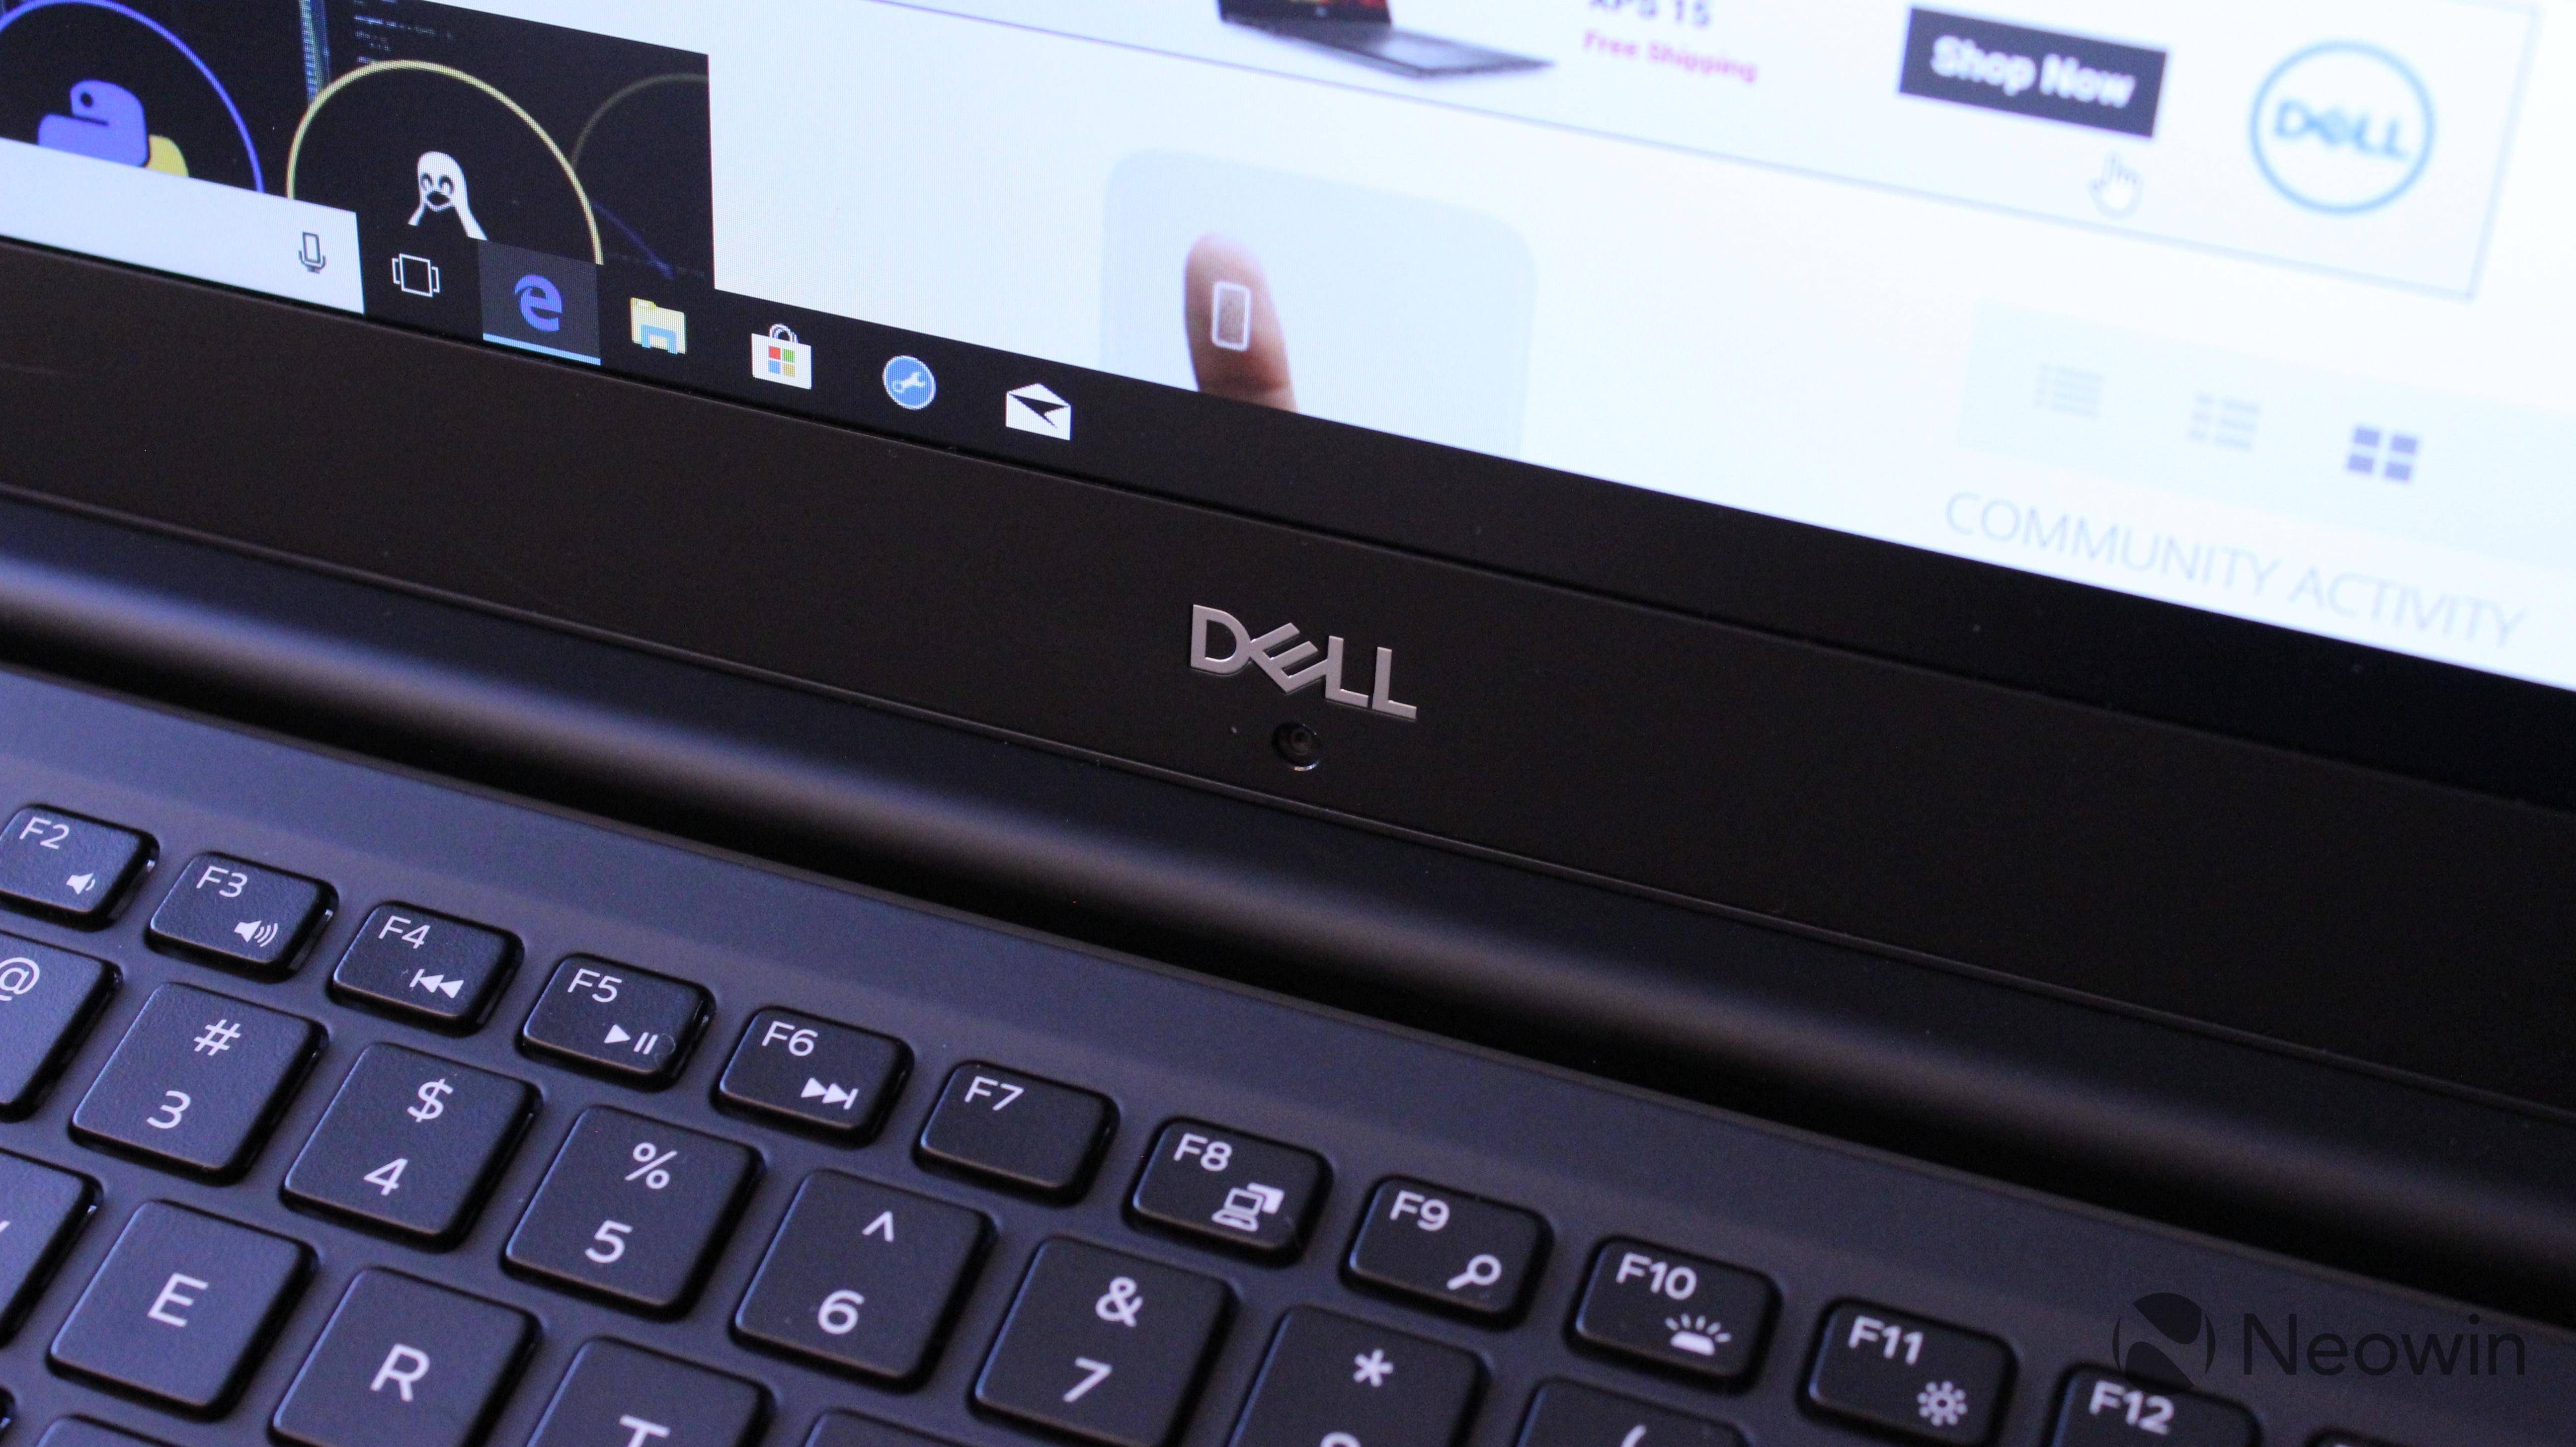 Dell presenta el XPS 15 2018 con los Core i9 Mobile y gráfica NVIDIA 34